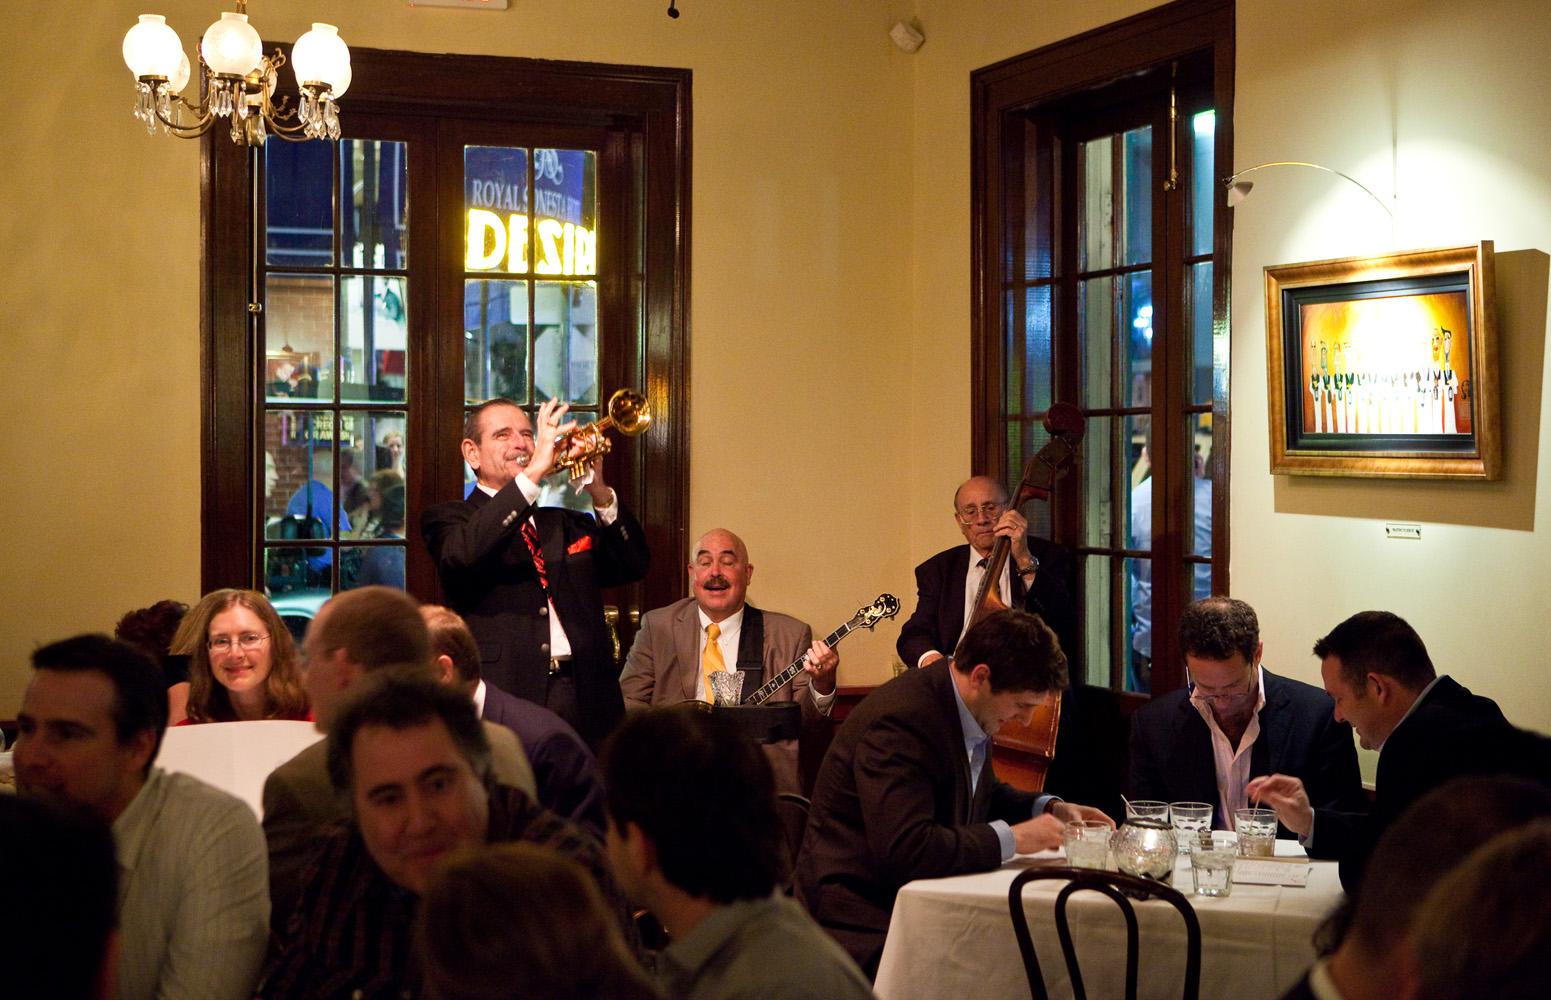 Arnaud S Jazz Bistro New Orleans Fine Dining